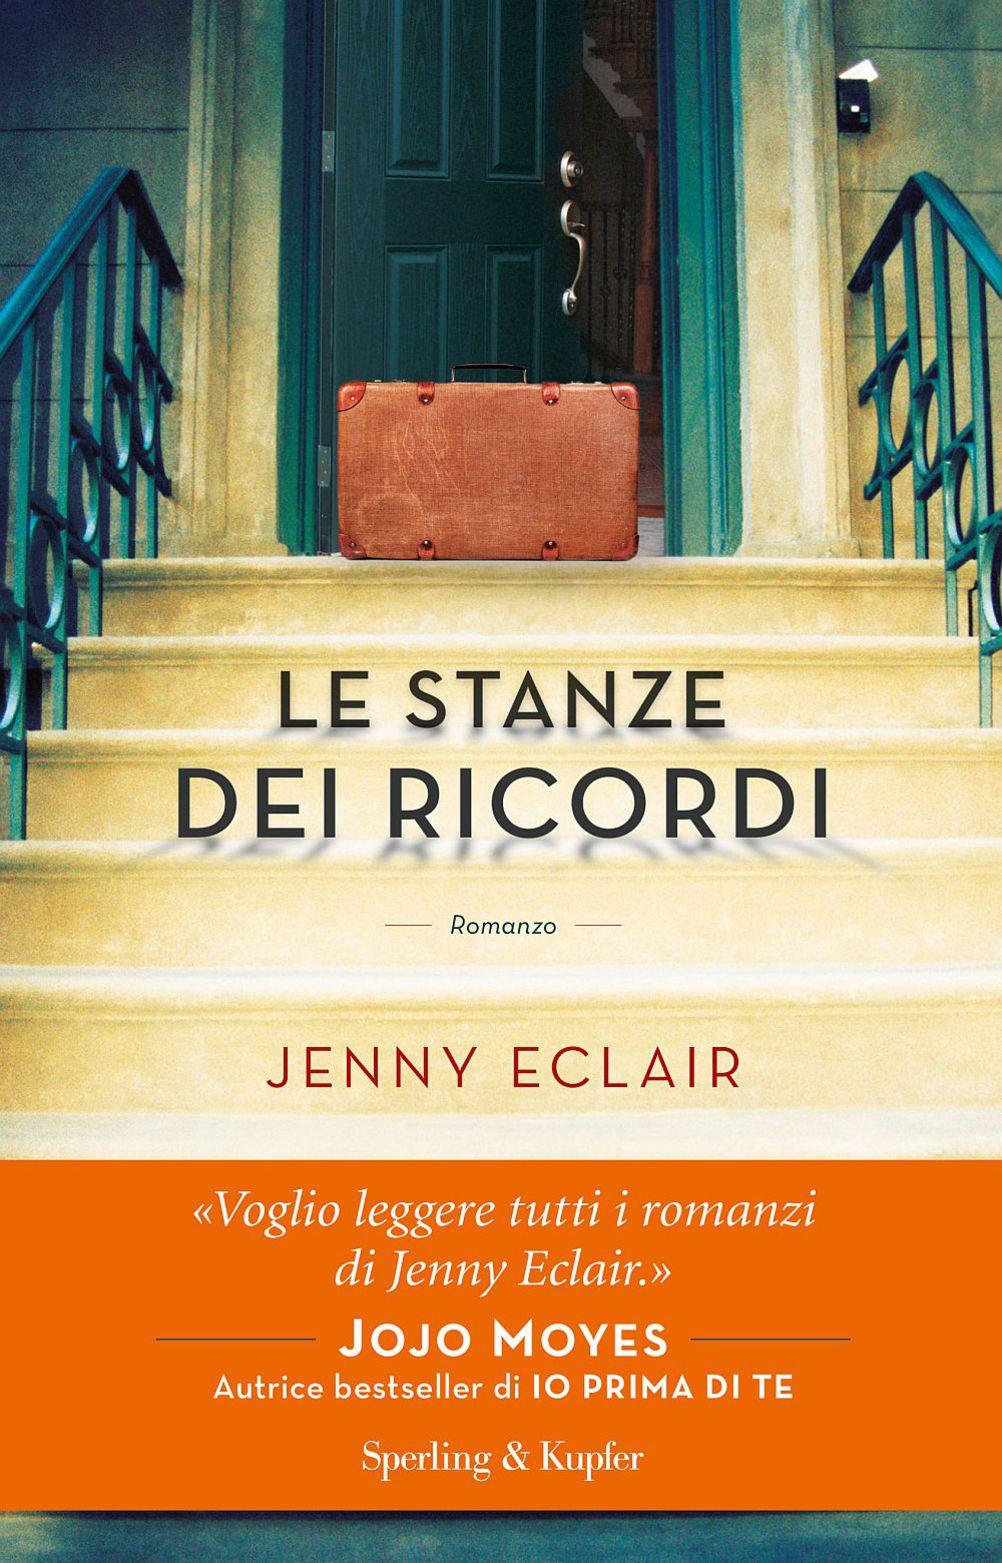 Le stanze dei ricordi – Jenny Eclair